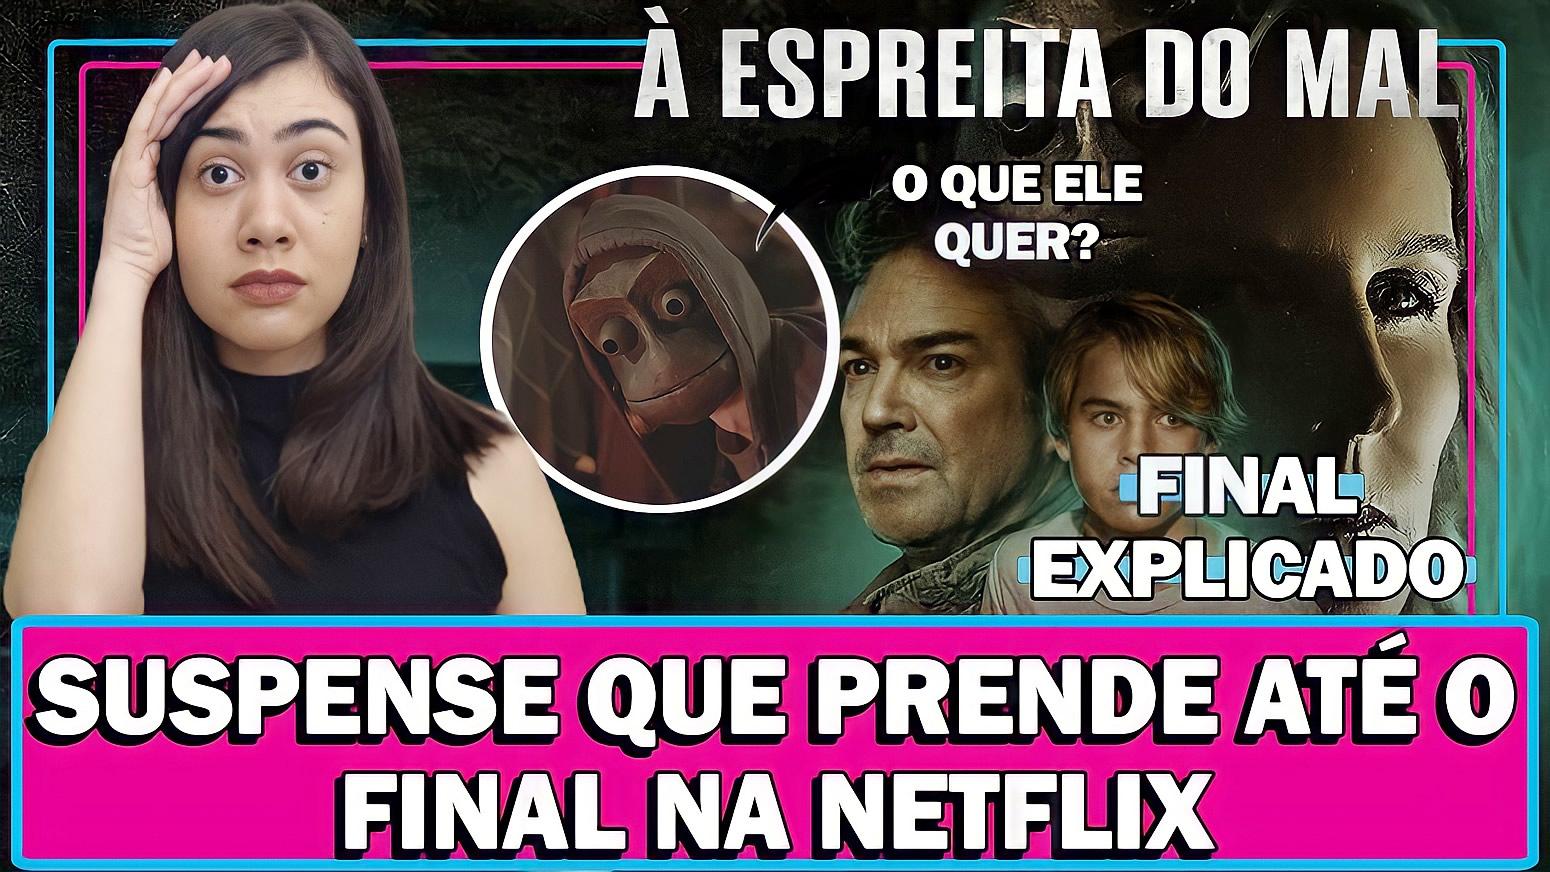 À ESPREITA DO MAL   Filme de suspense na Netflix que prende até o final - Veja análise e final explicado